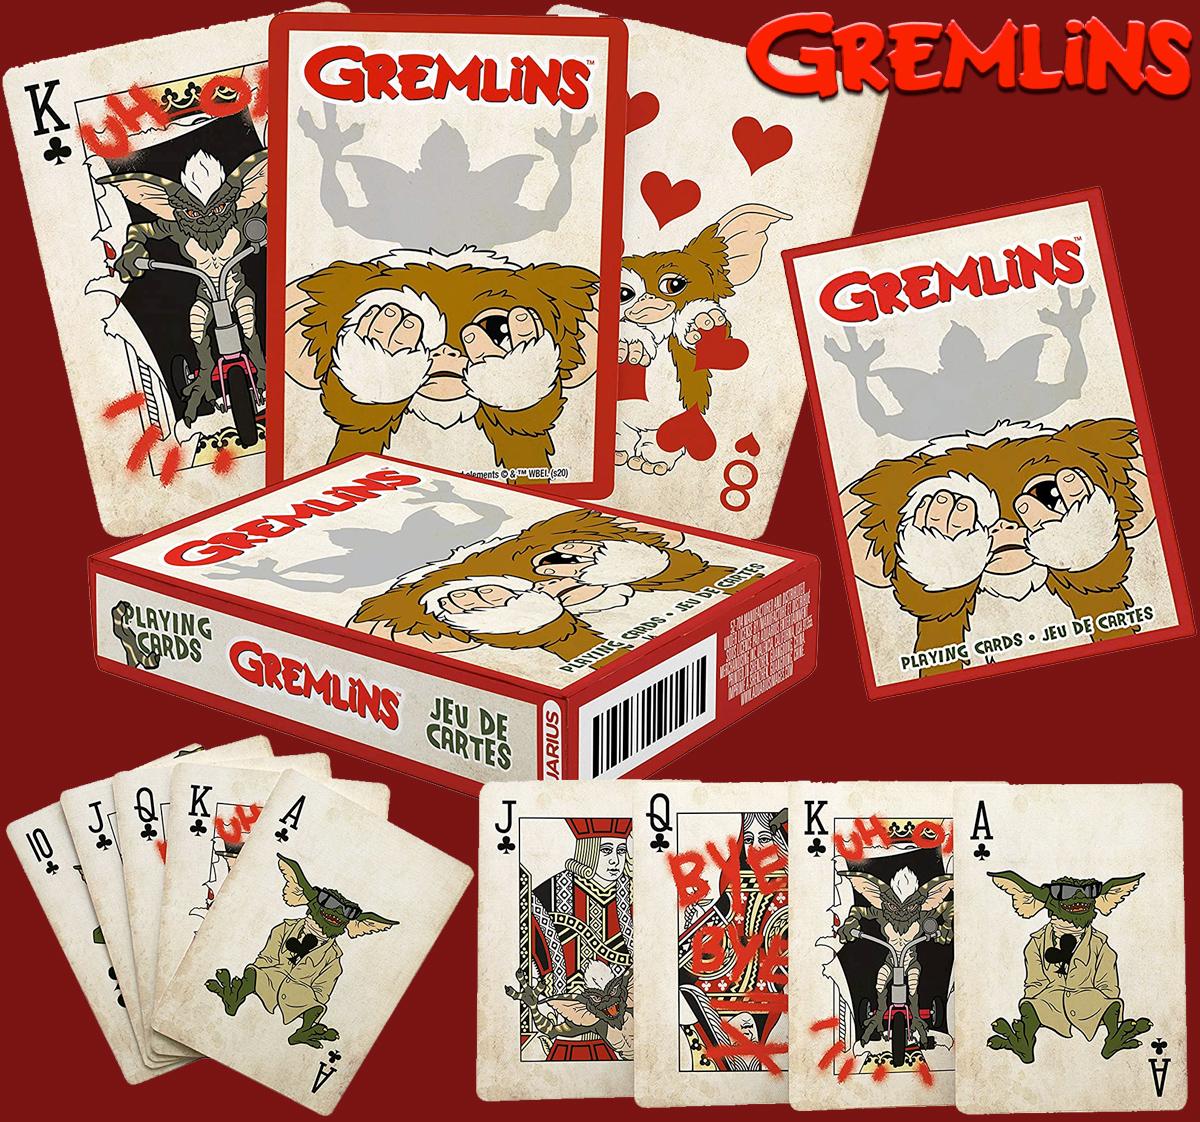 Baralho Gremlins